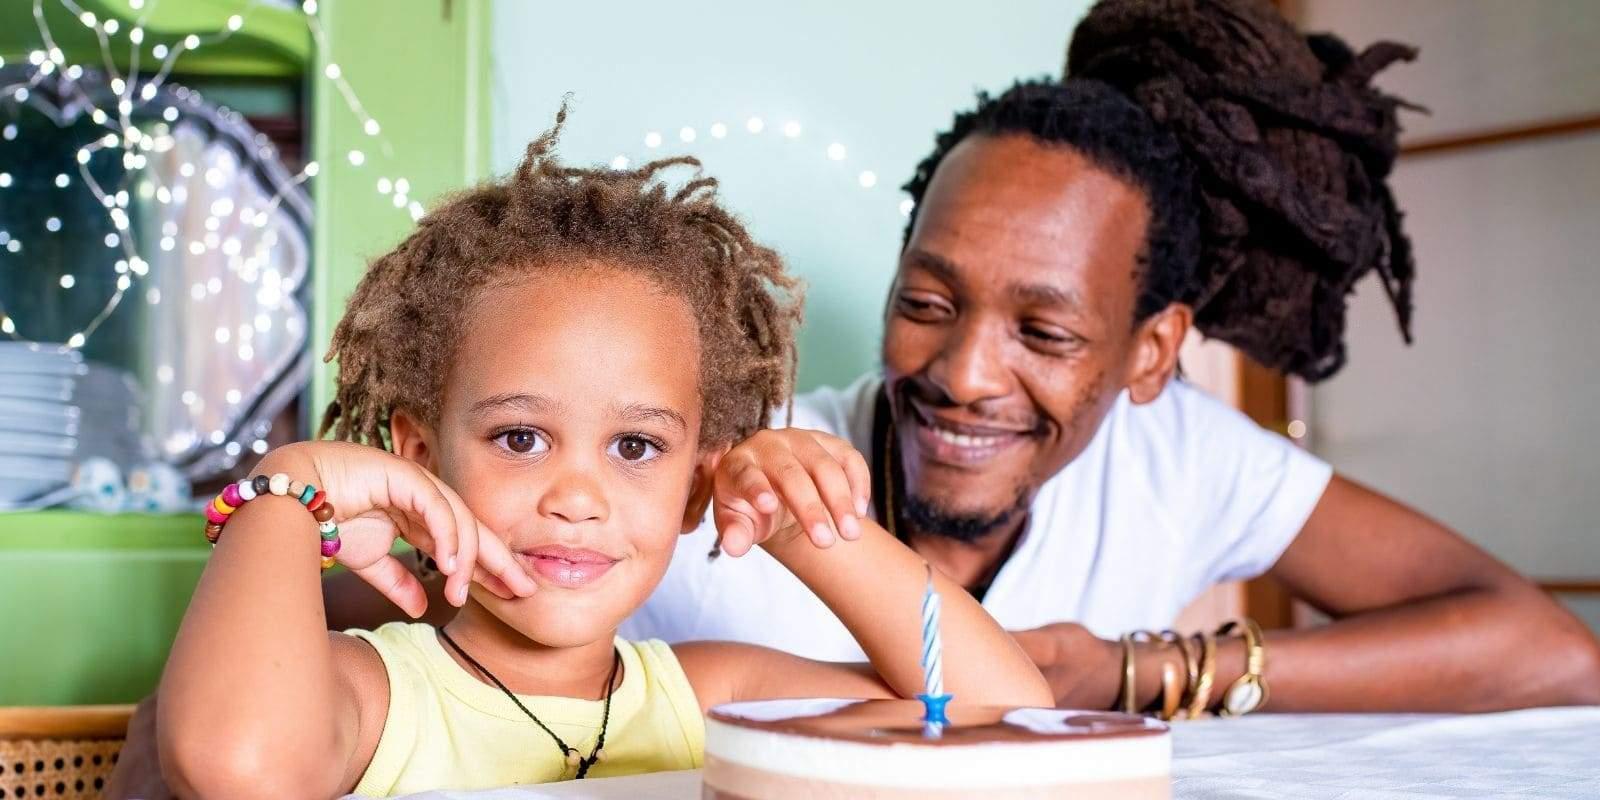 Homme avec dreadlocks celebrant anniversaire de son fils rasta